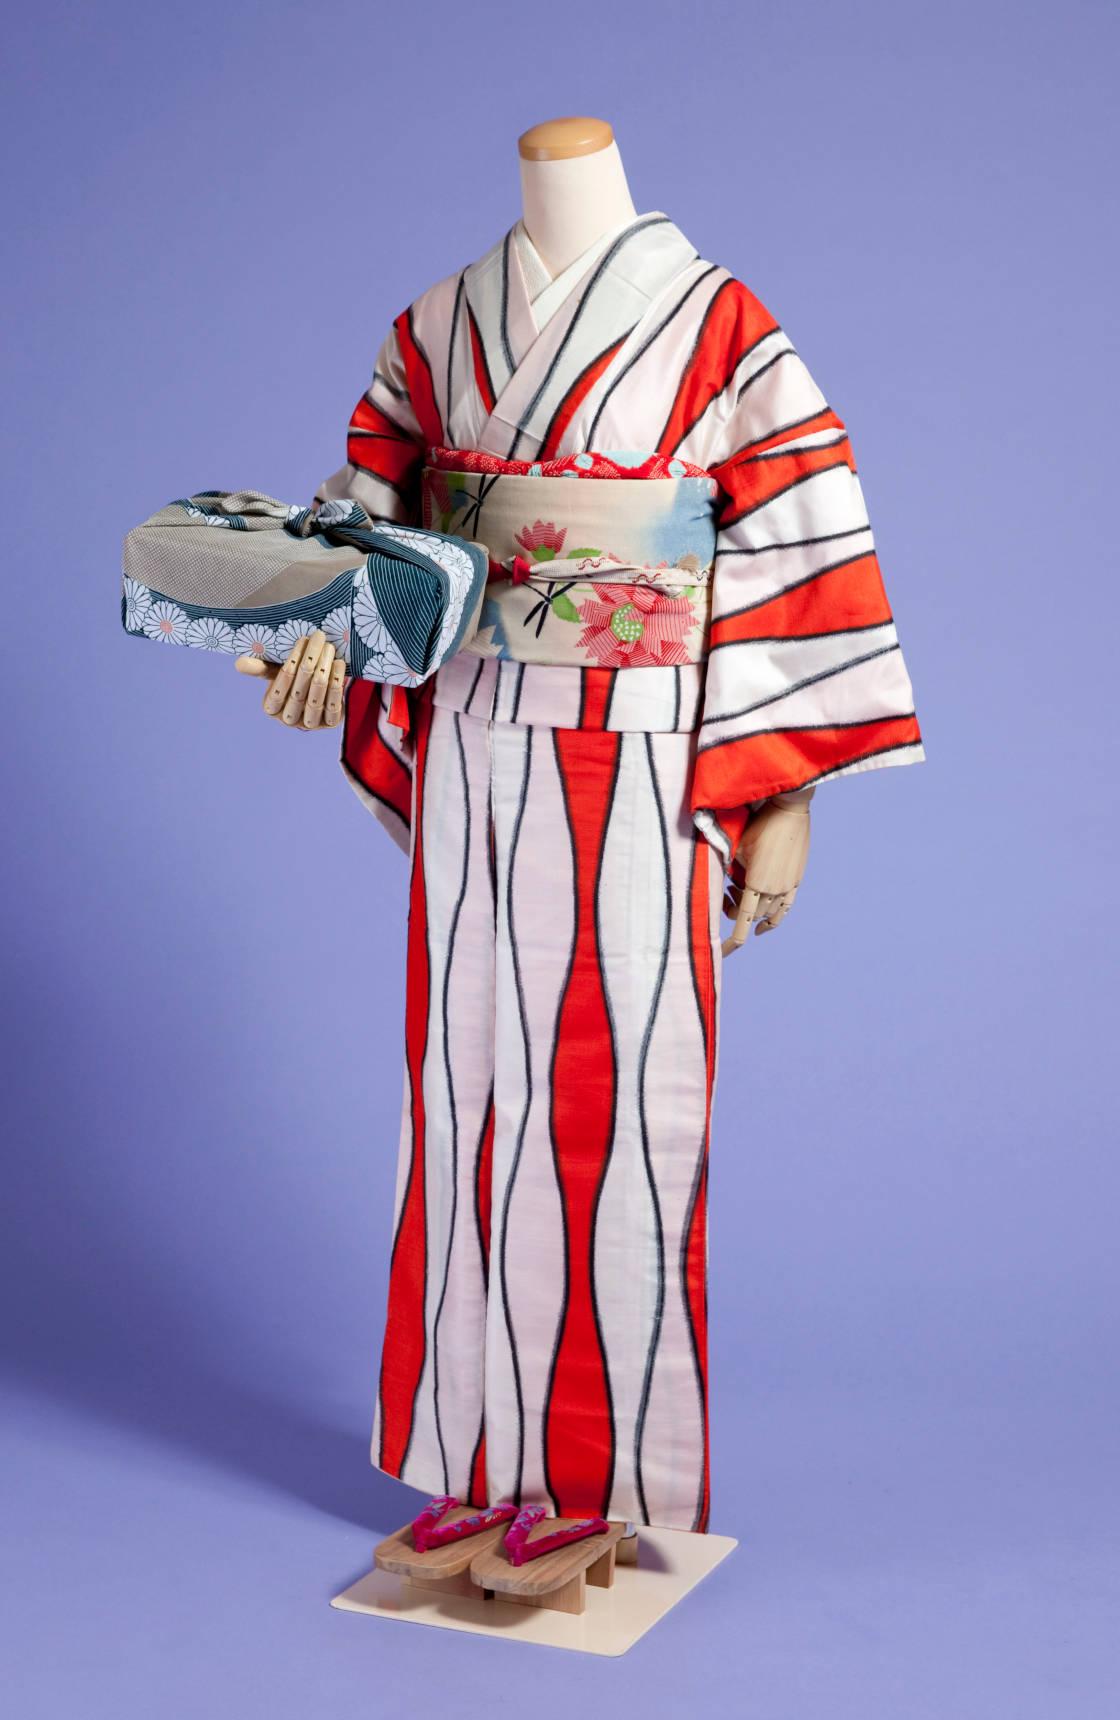 「台所太平記」鈴 着物監修:大野らふ 着物写真 協力:河出書房新社 撮影:大橋 愛